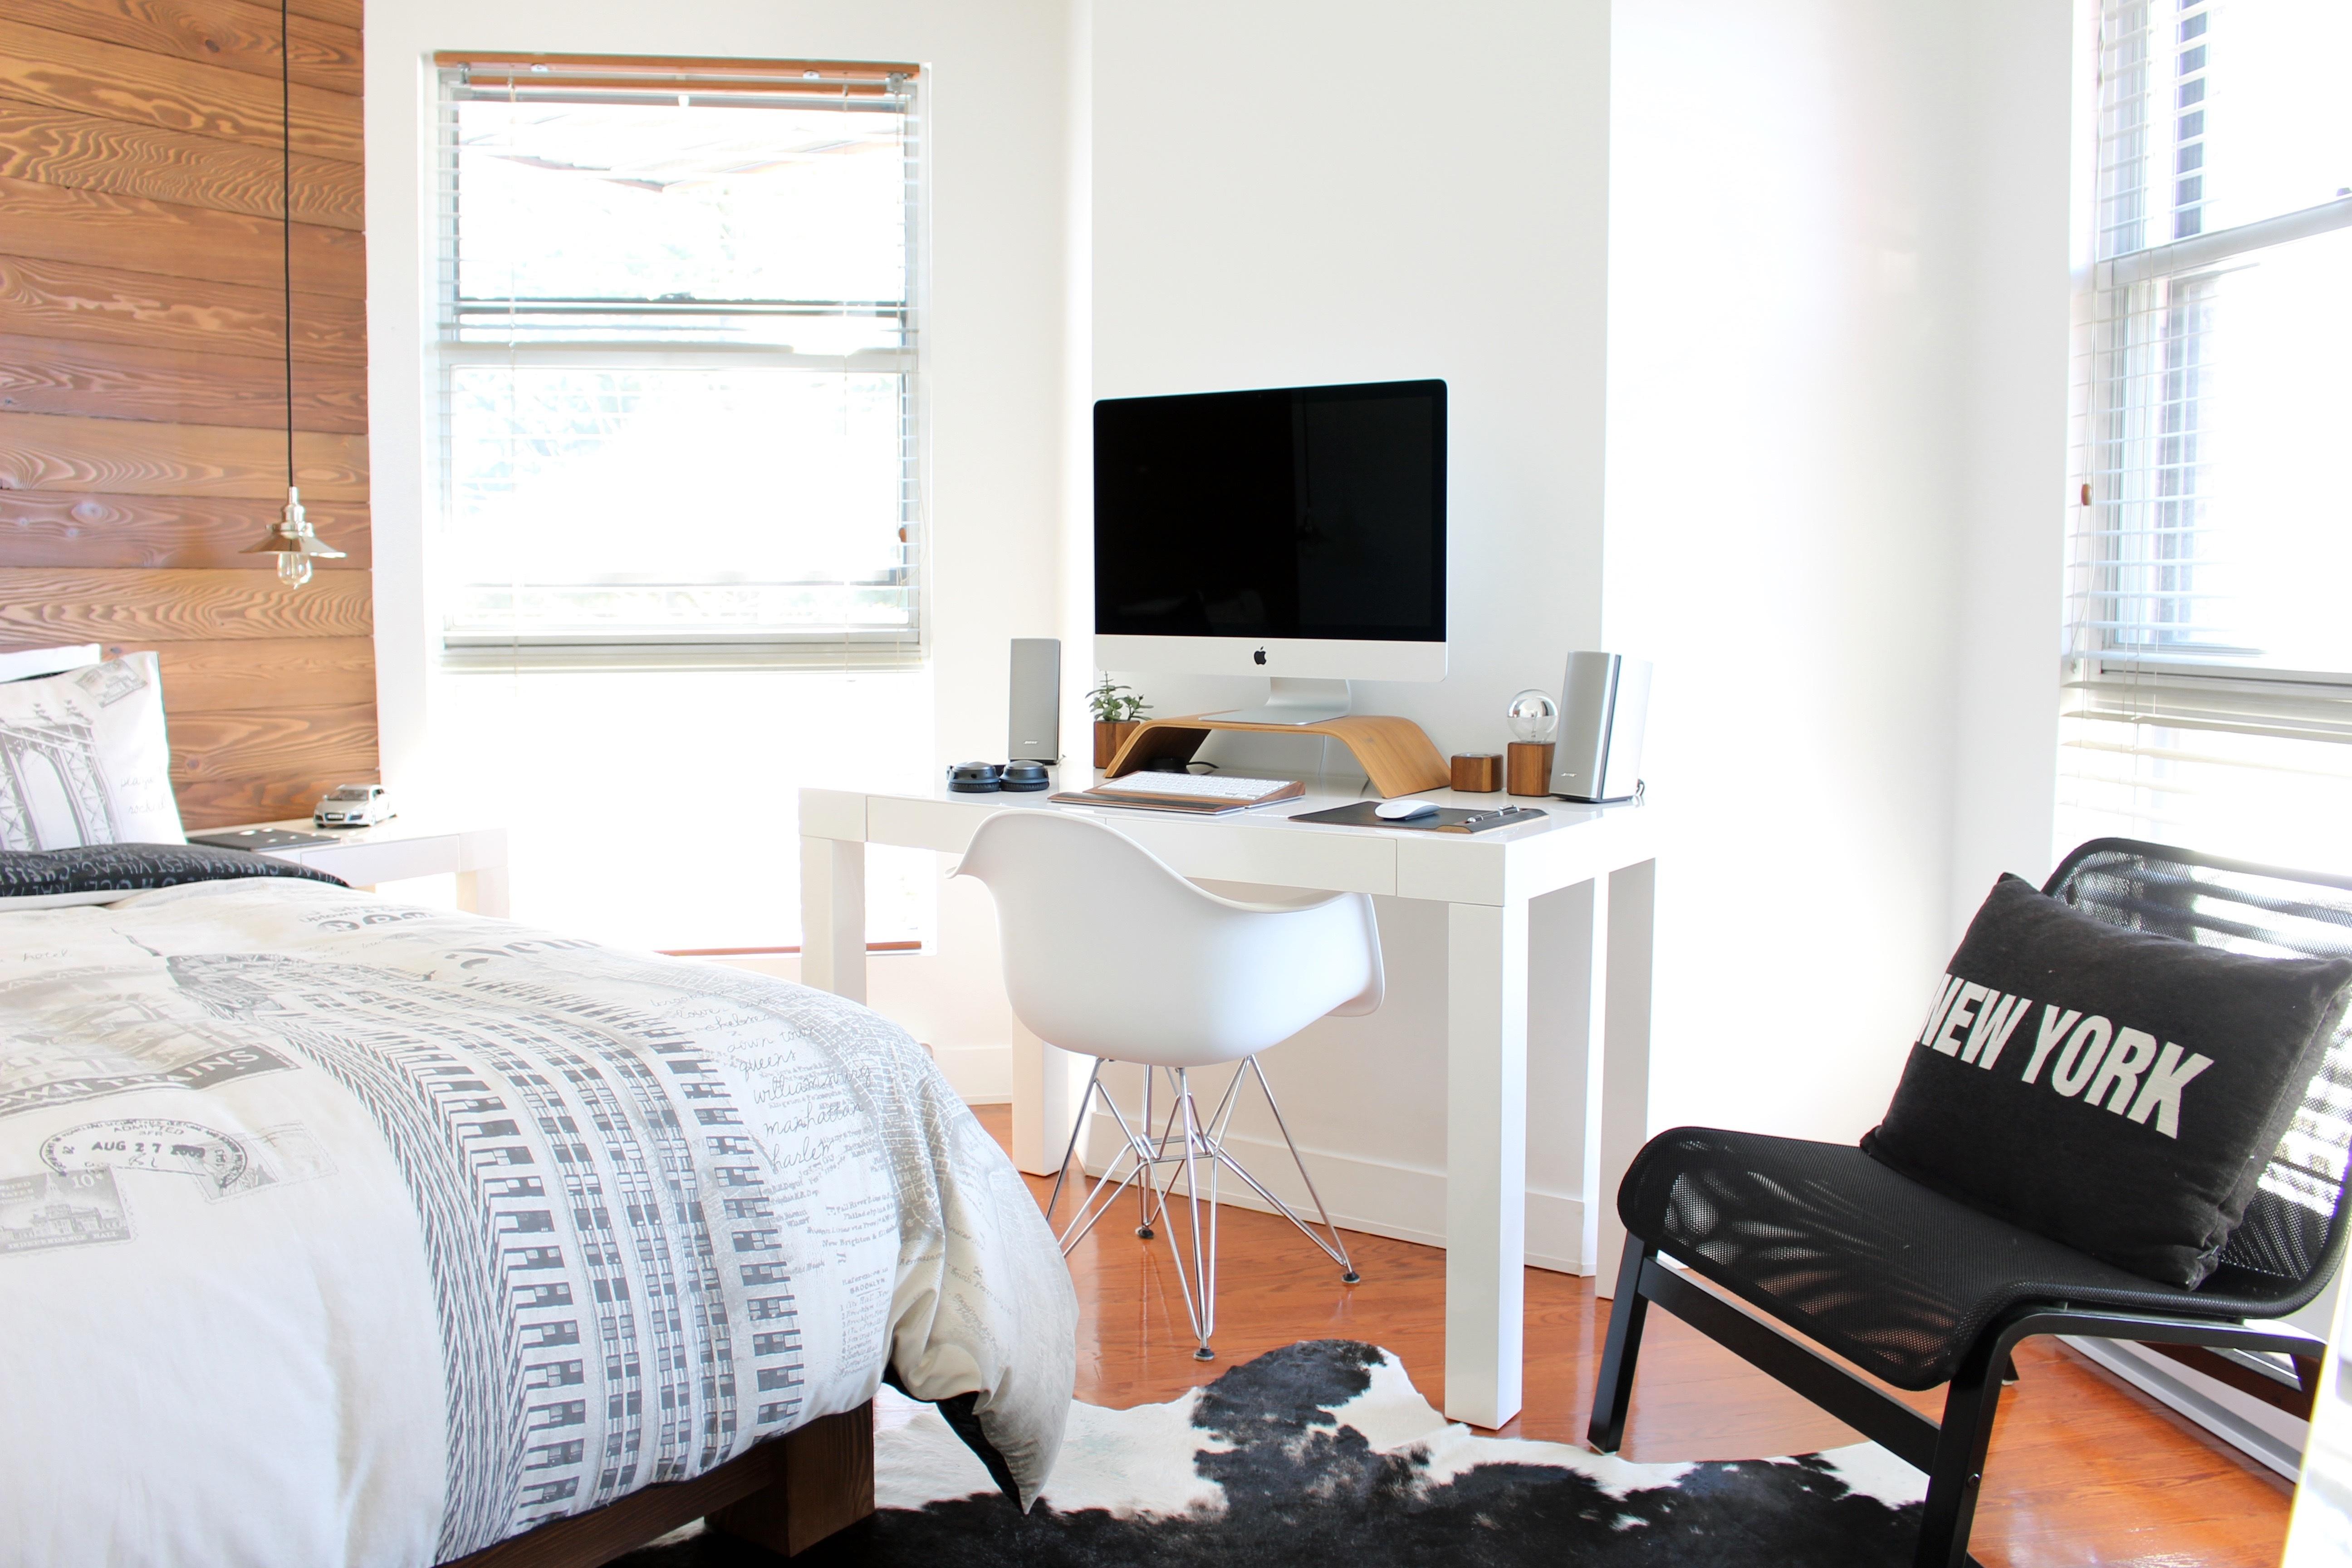 Bolig Tips: Sådan sørger du for den rette stemning i soveværelset